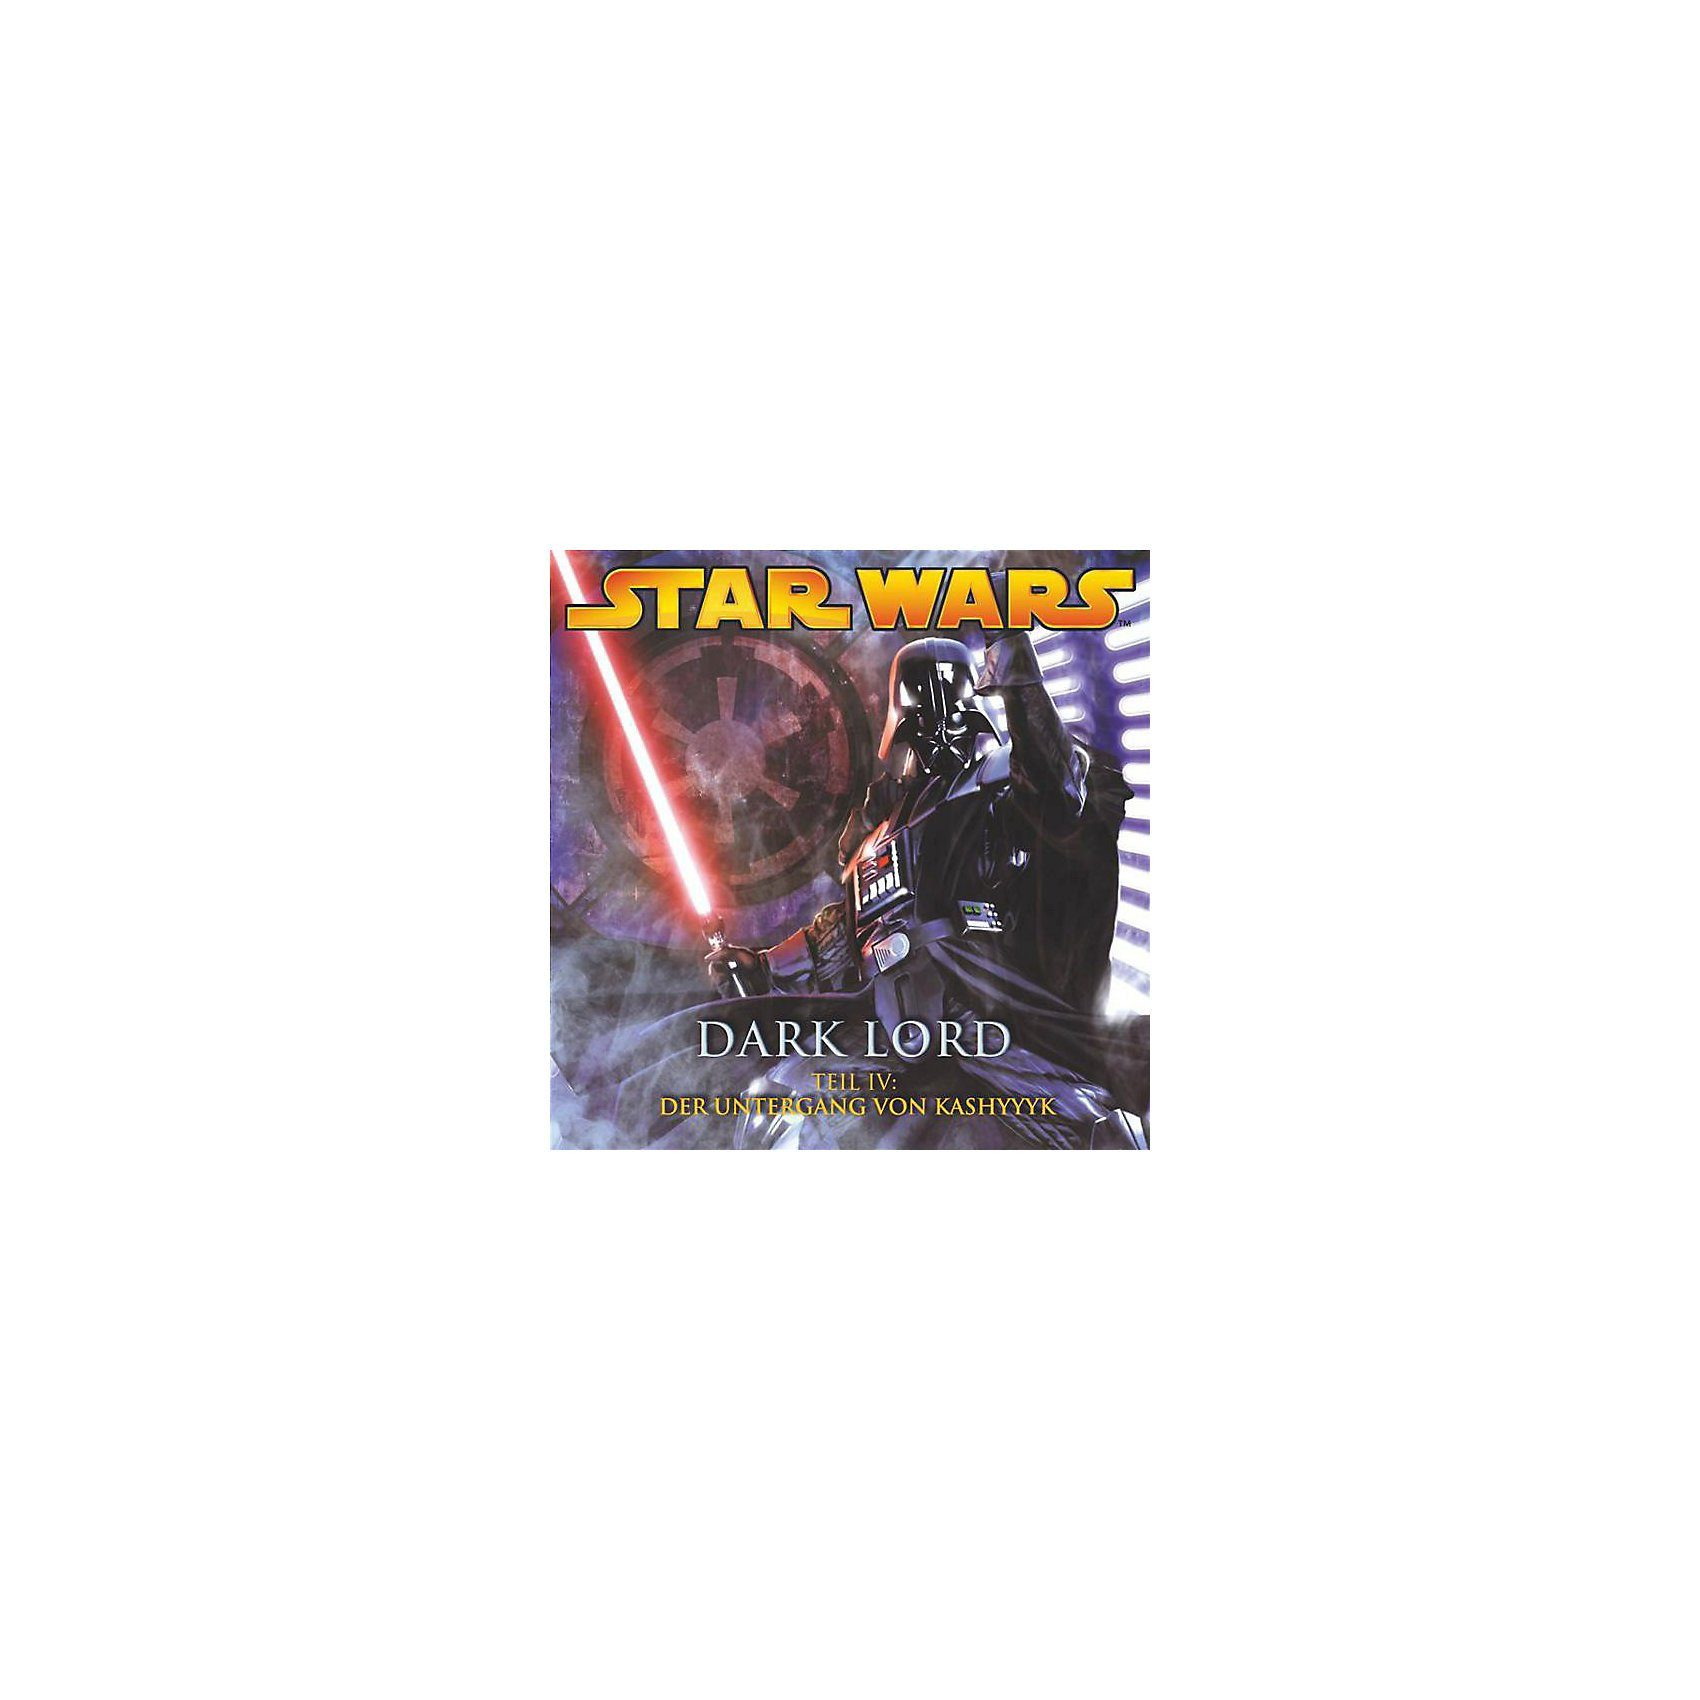 Universal CD Star Wars: Dark Lord 04 - Der Untergang von Kashyyyk